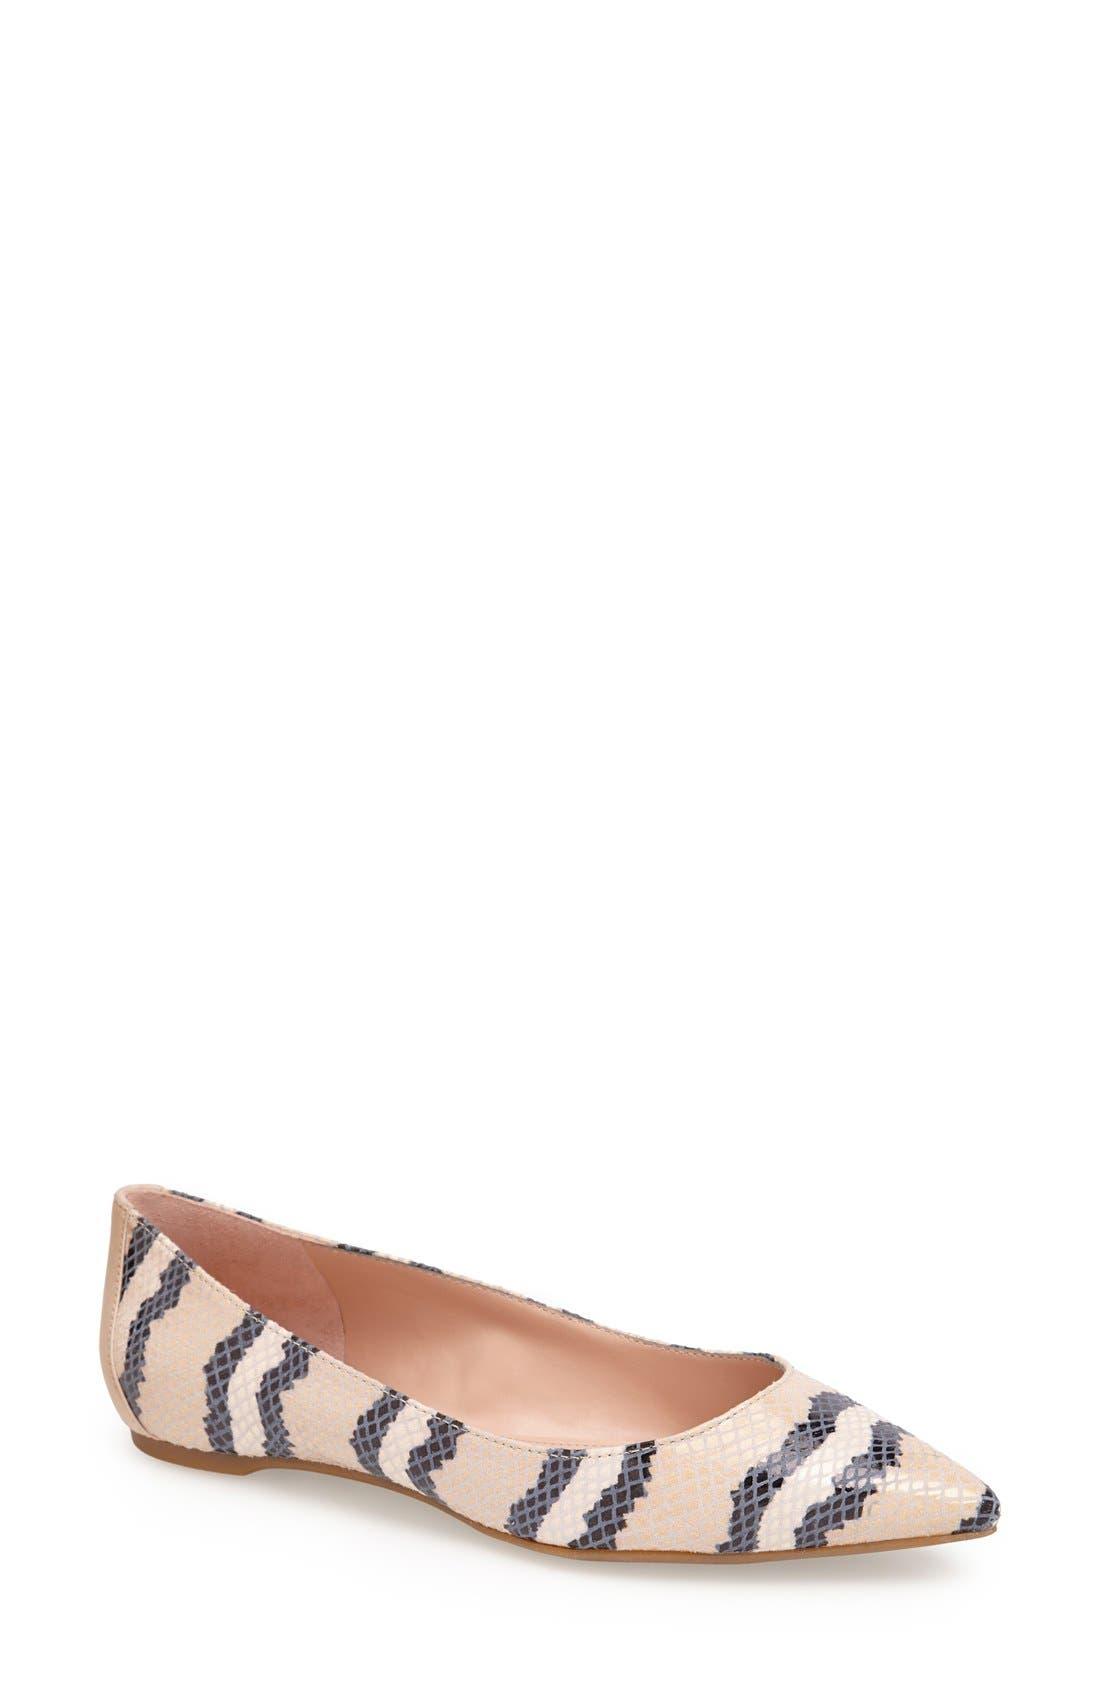 Main Image - Enzo Angiolini 'Carolin' Pointy Toe Flat (Women)